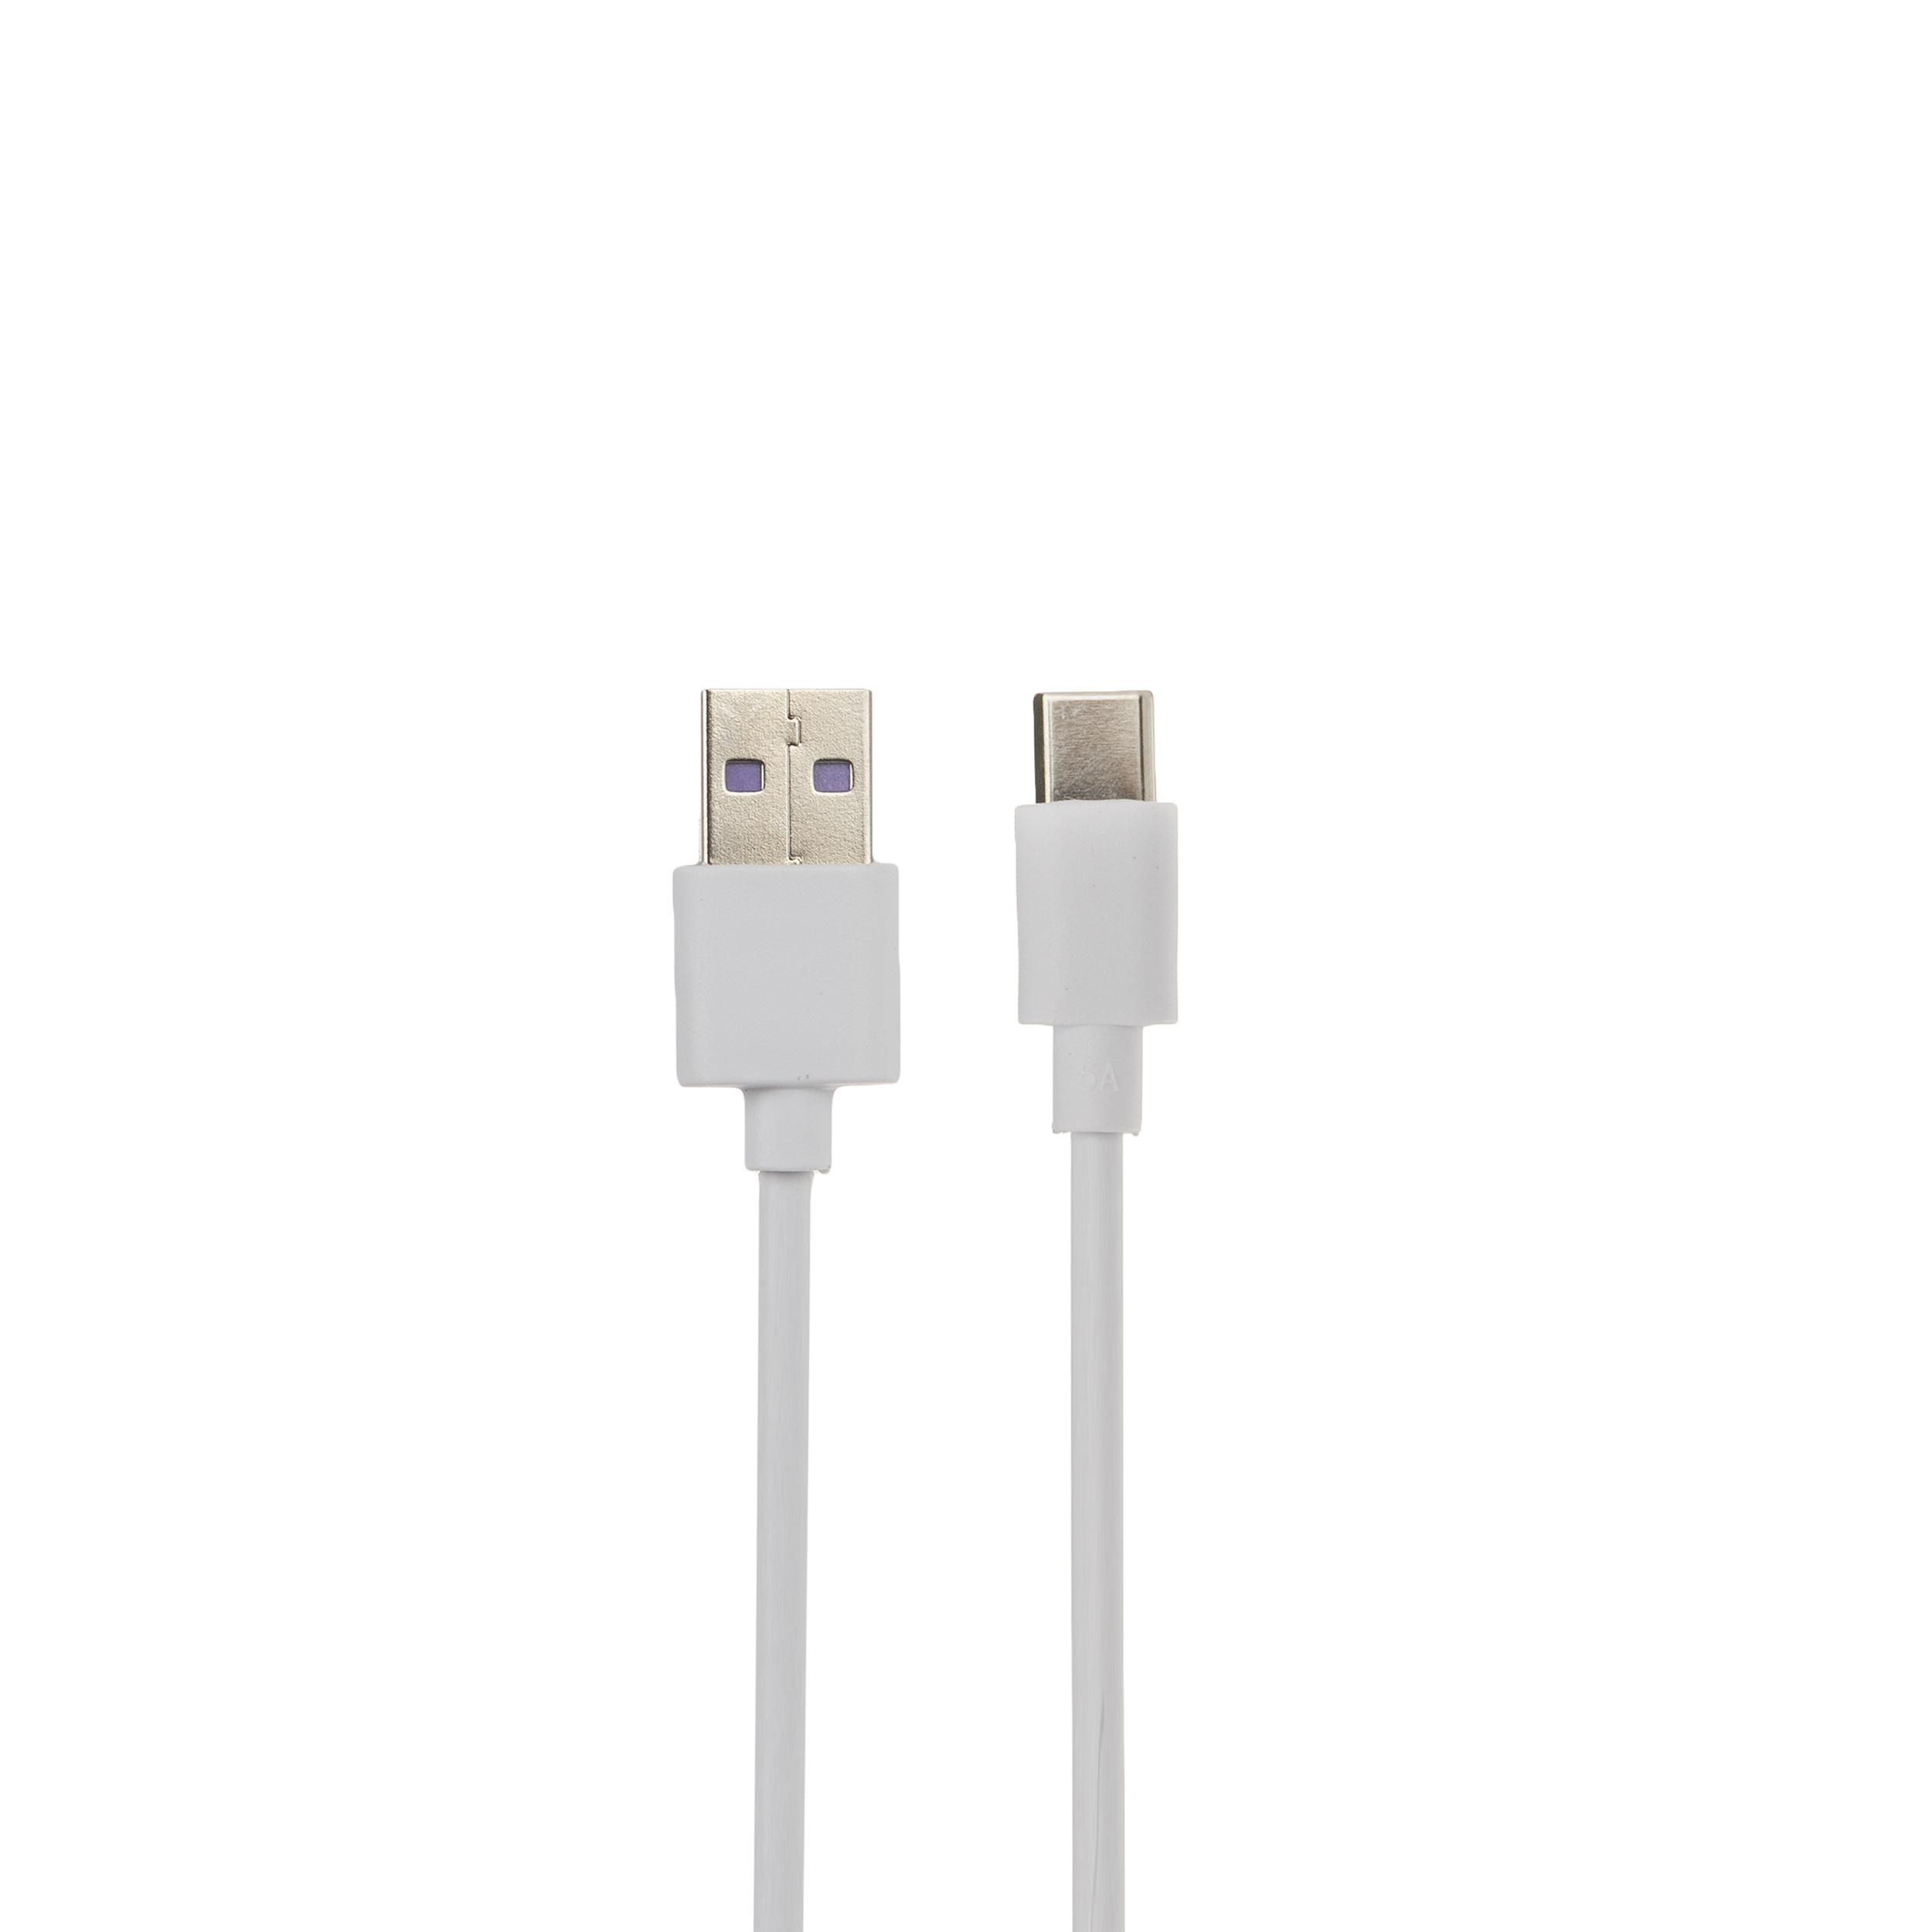 کابل تبدیل USB به USB-C کین واله مدل C13 طول 1.2 متر